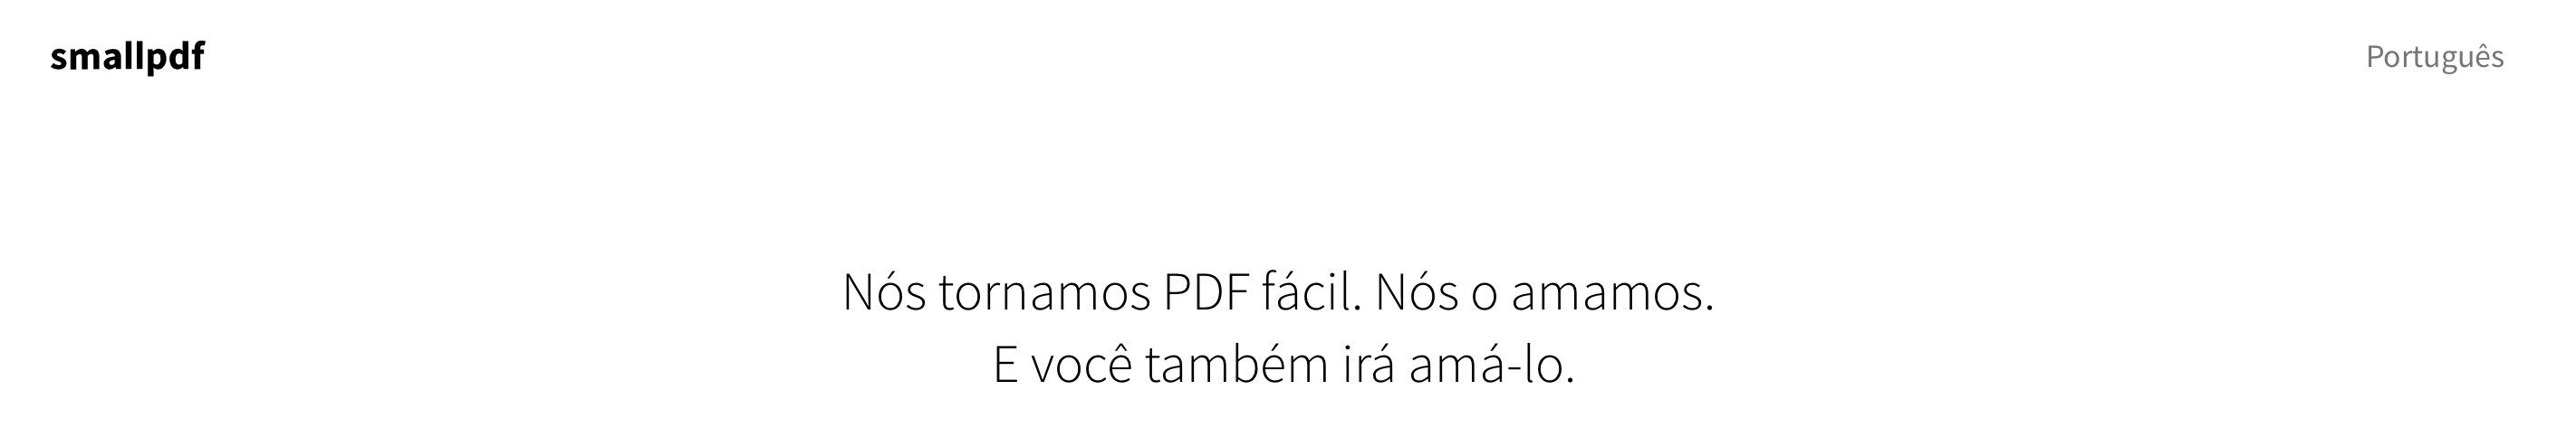 Smallpdf a ferramenta online para tratar os seus pdfs fcincias nesse sentido surgiu este ano o smallpdf um servio online gratuito em portugus e sem necessidade de registo e que lhe permite fazer tudo isto stopboris Images